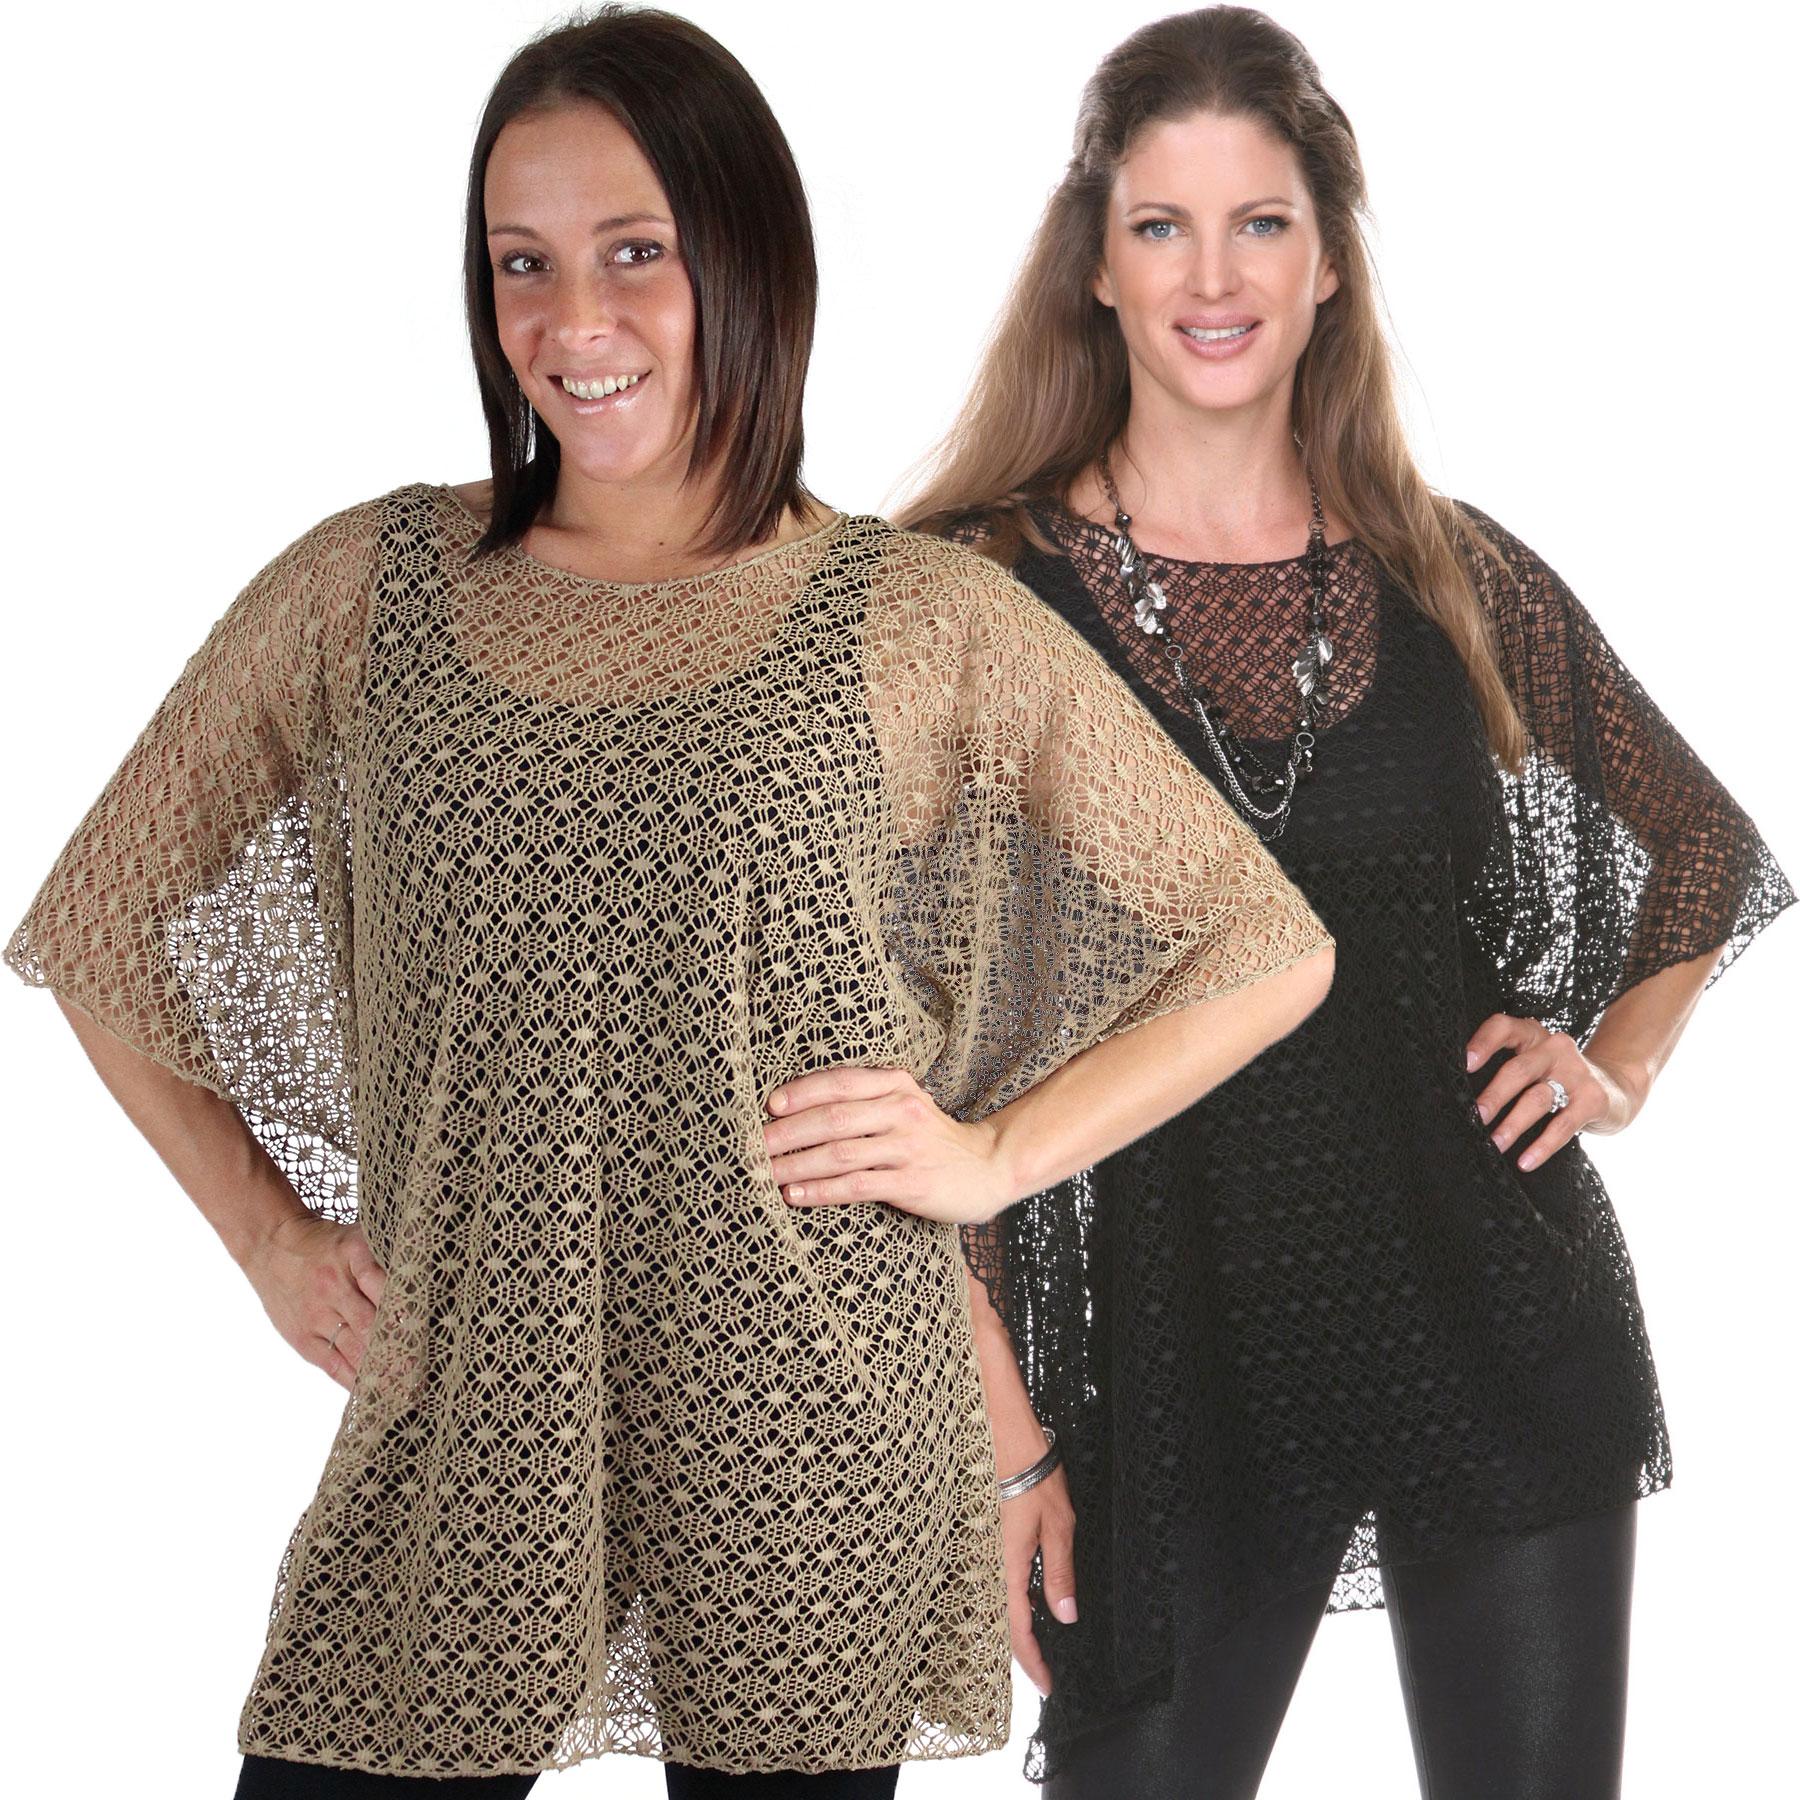 Poncho - Lace Knit 1109